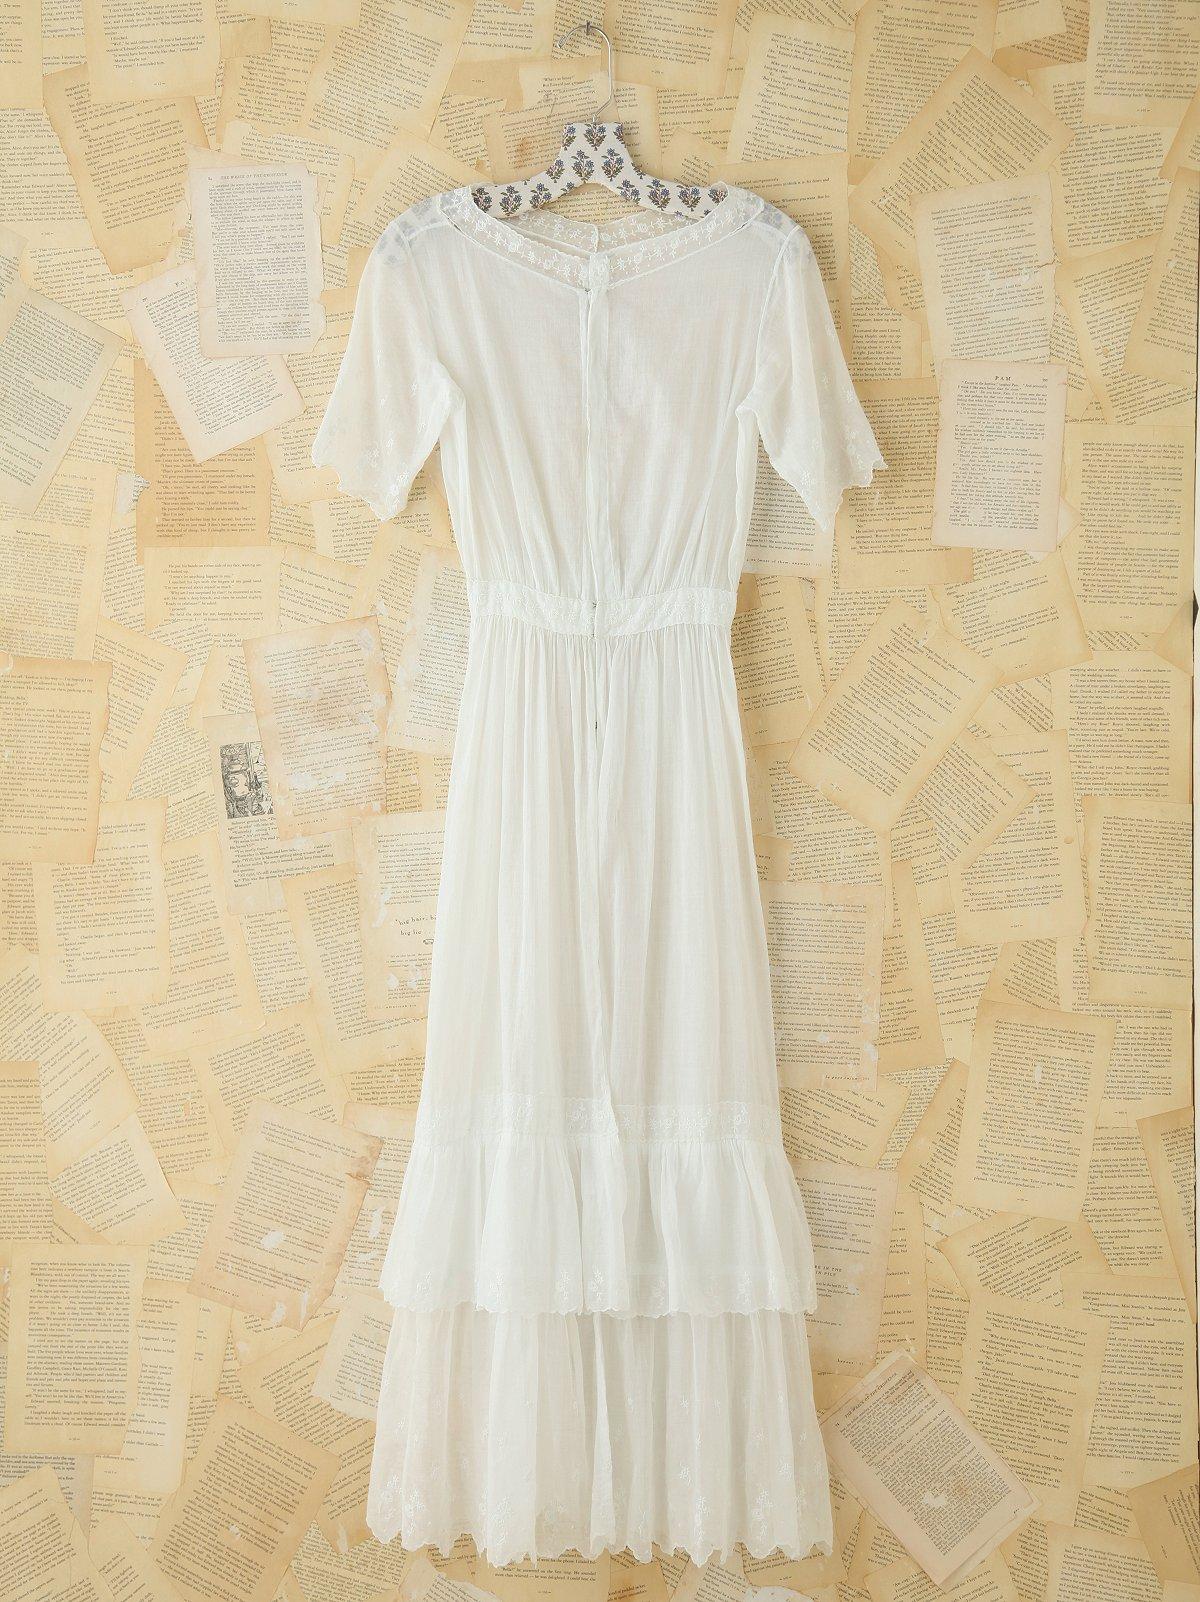 Vintage White Cotton Maxi Dress